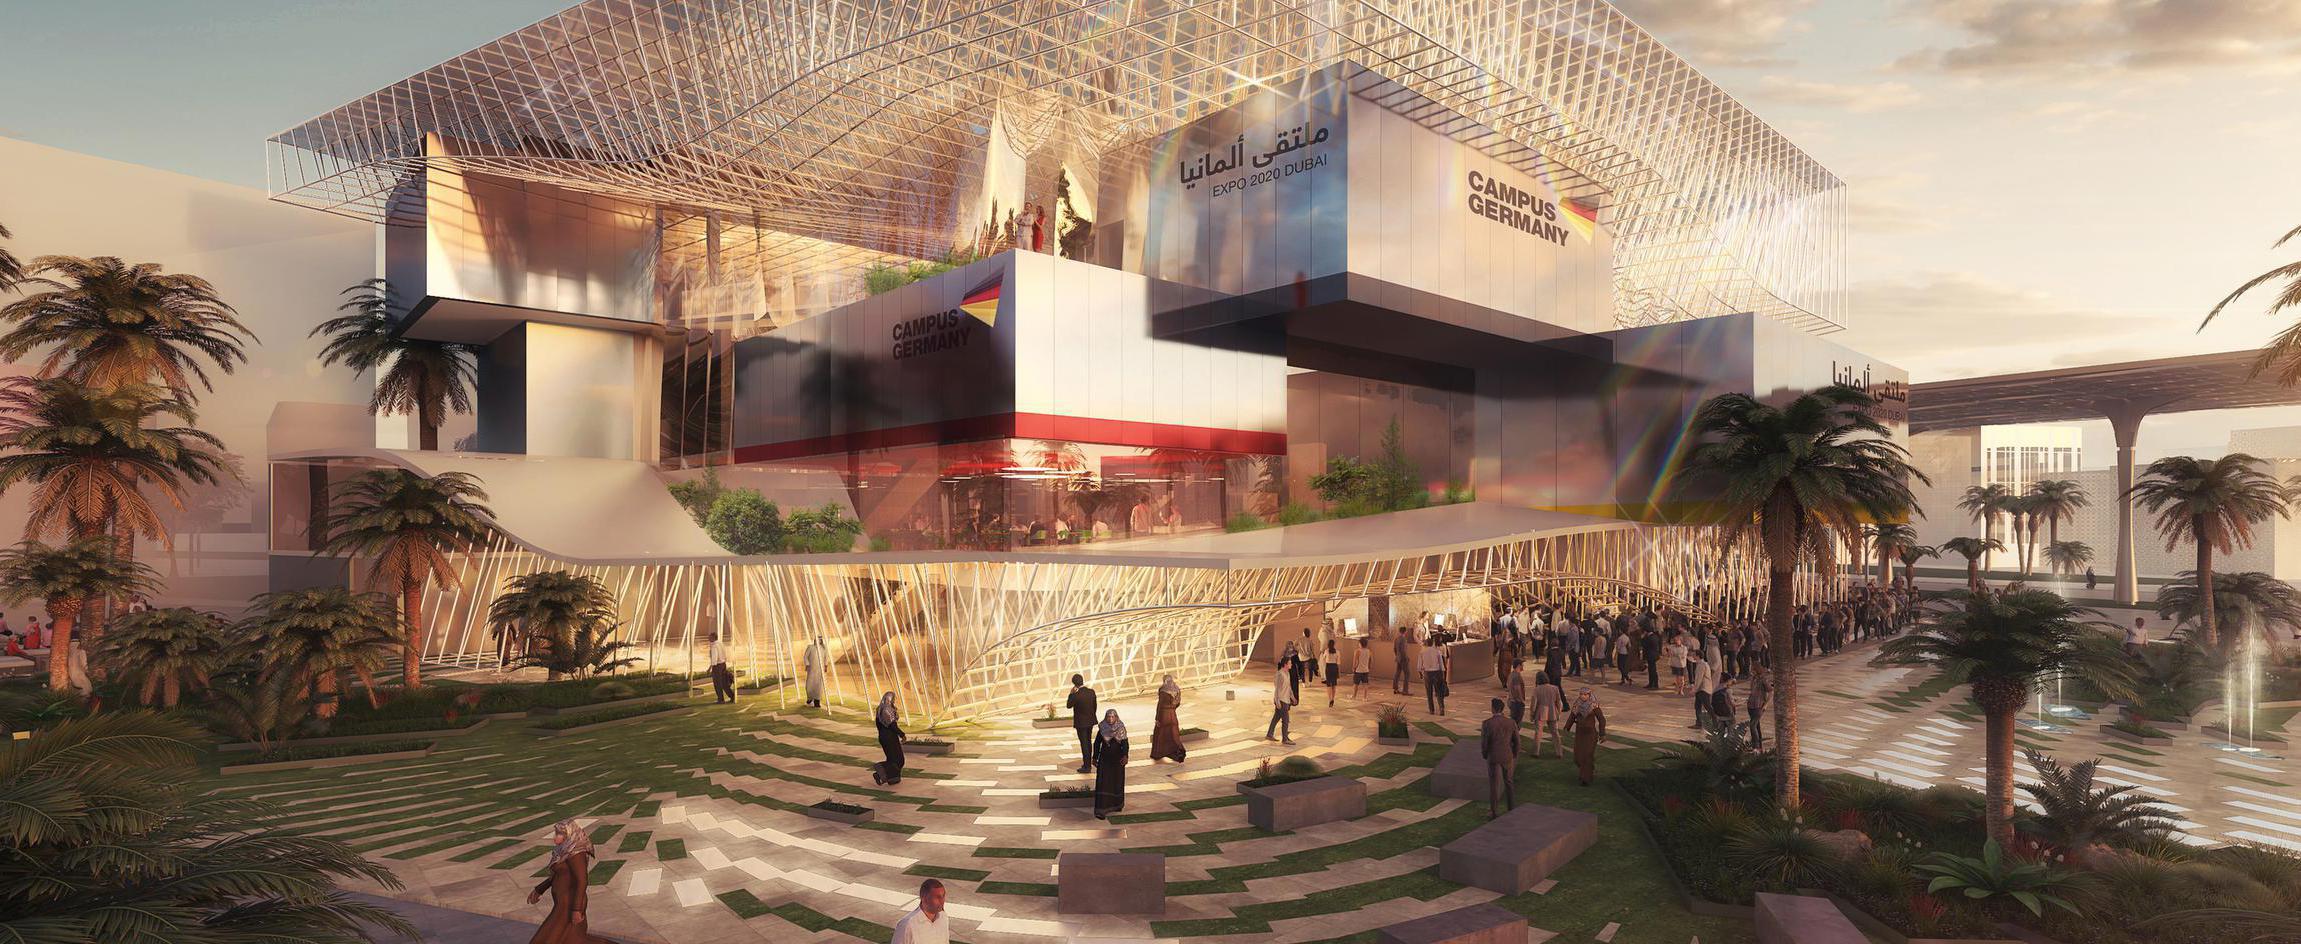 Campus für die Welt Image 1